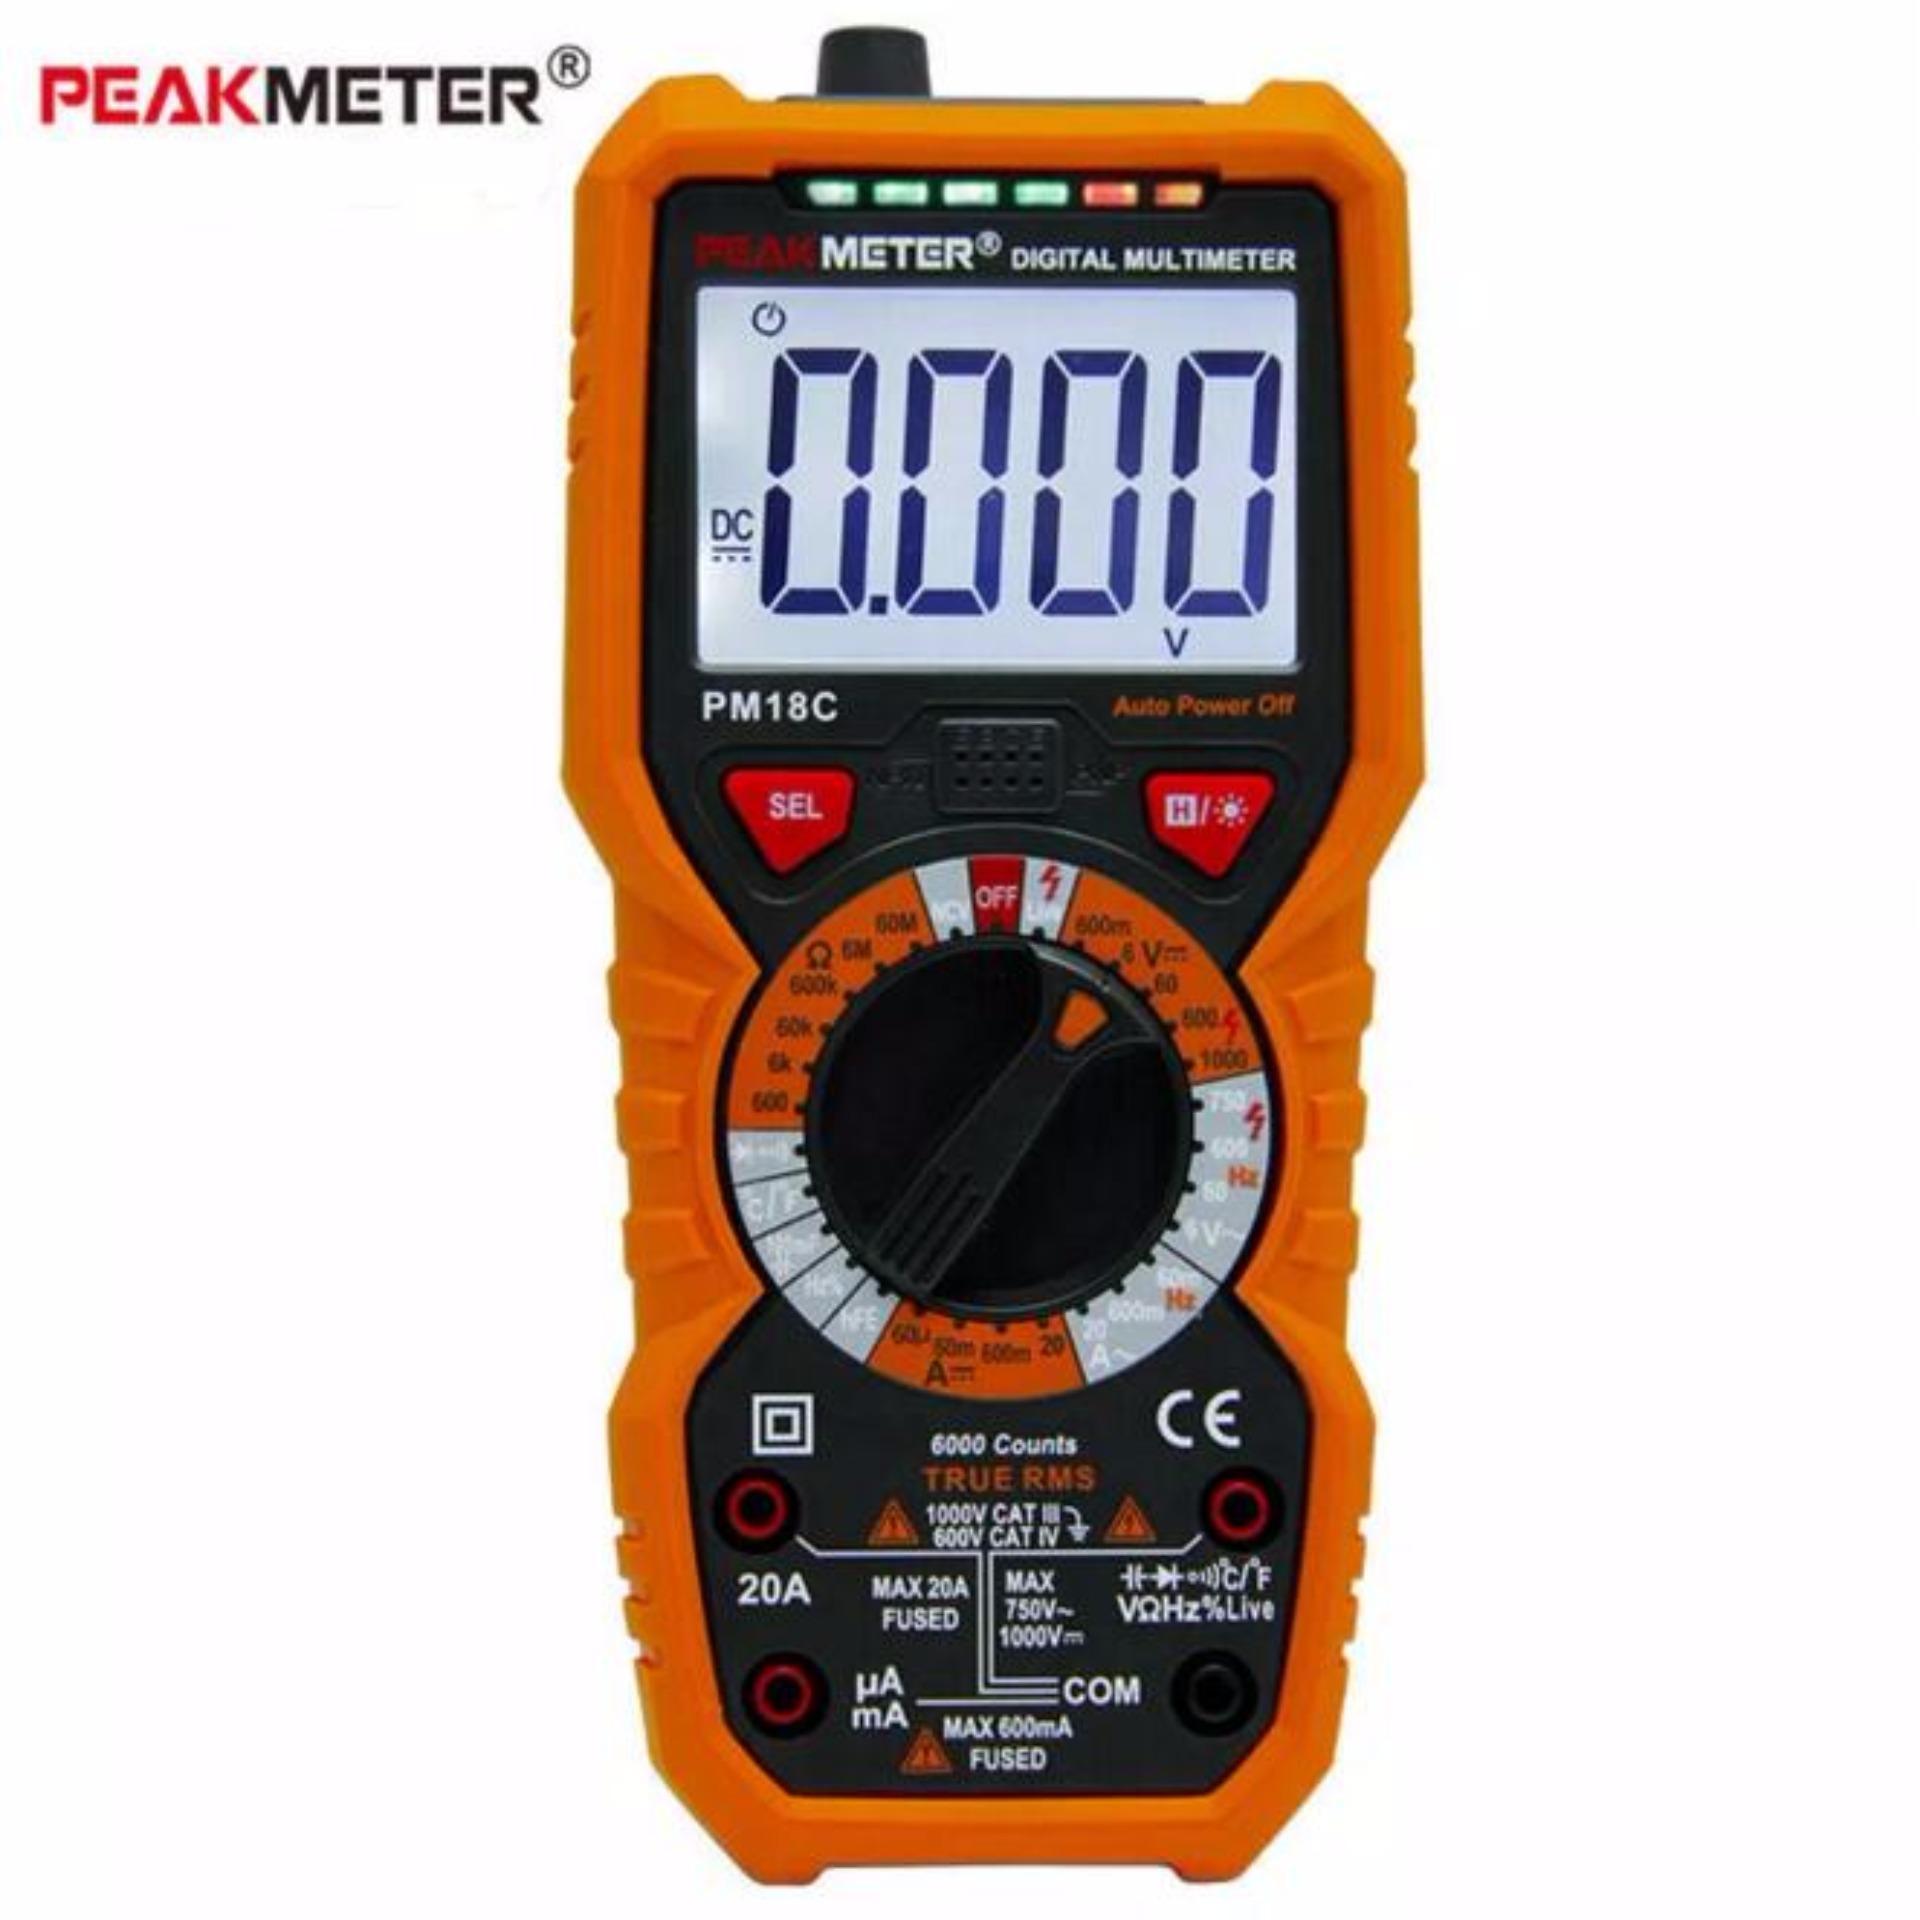 Đồng hồ vạn năng số PeakMeter PM18C